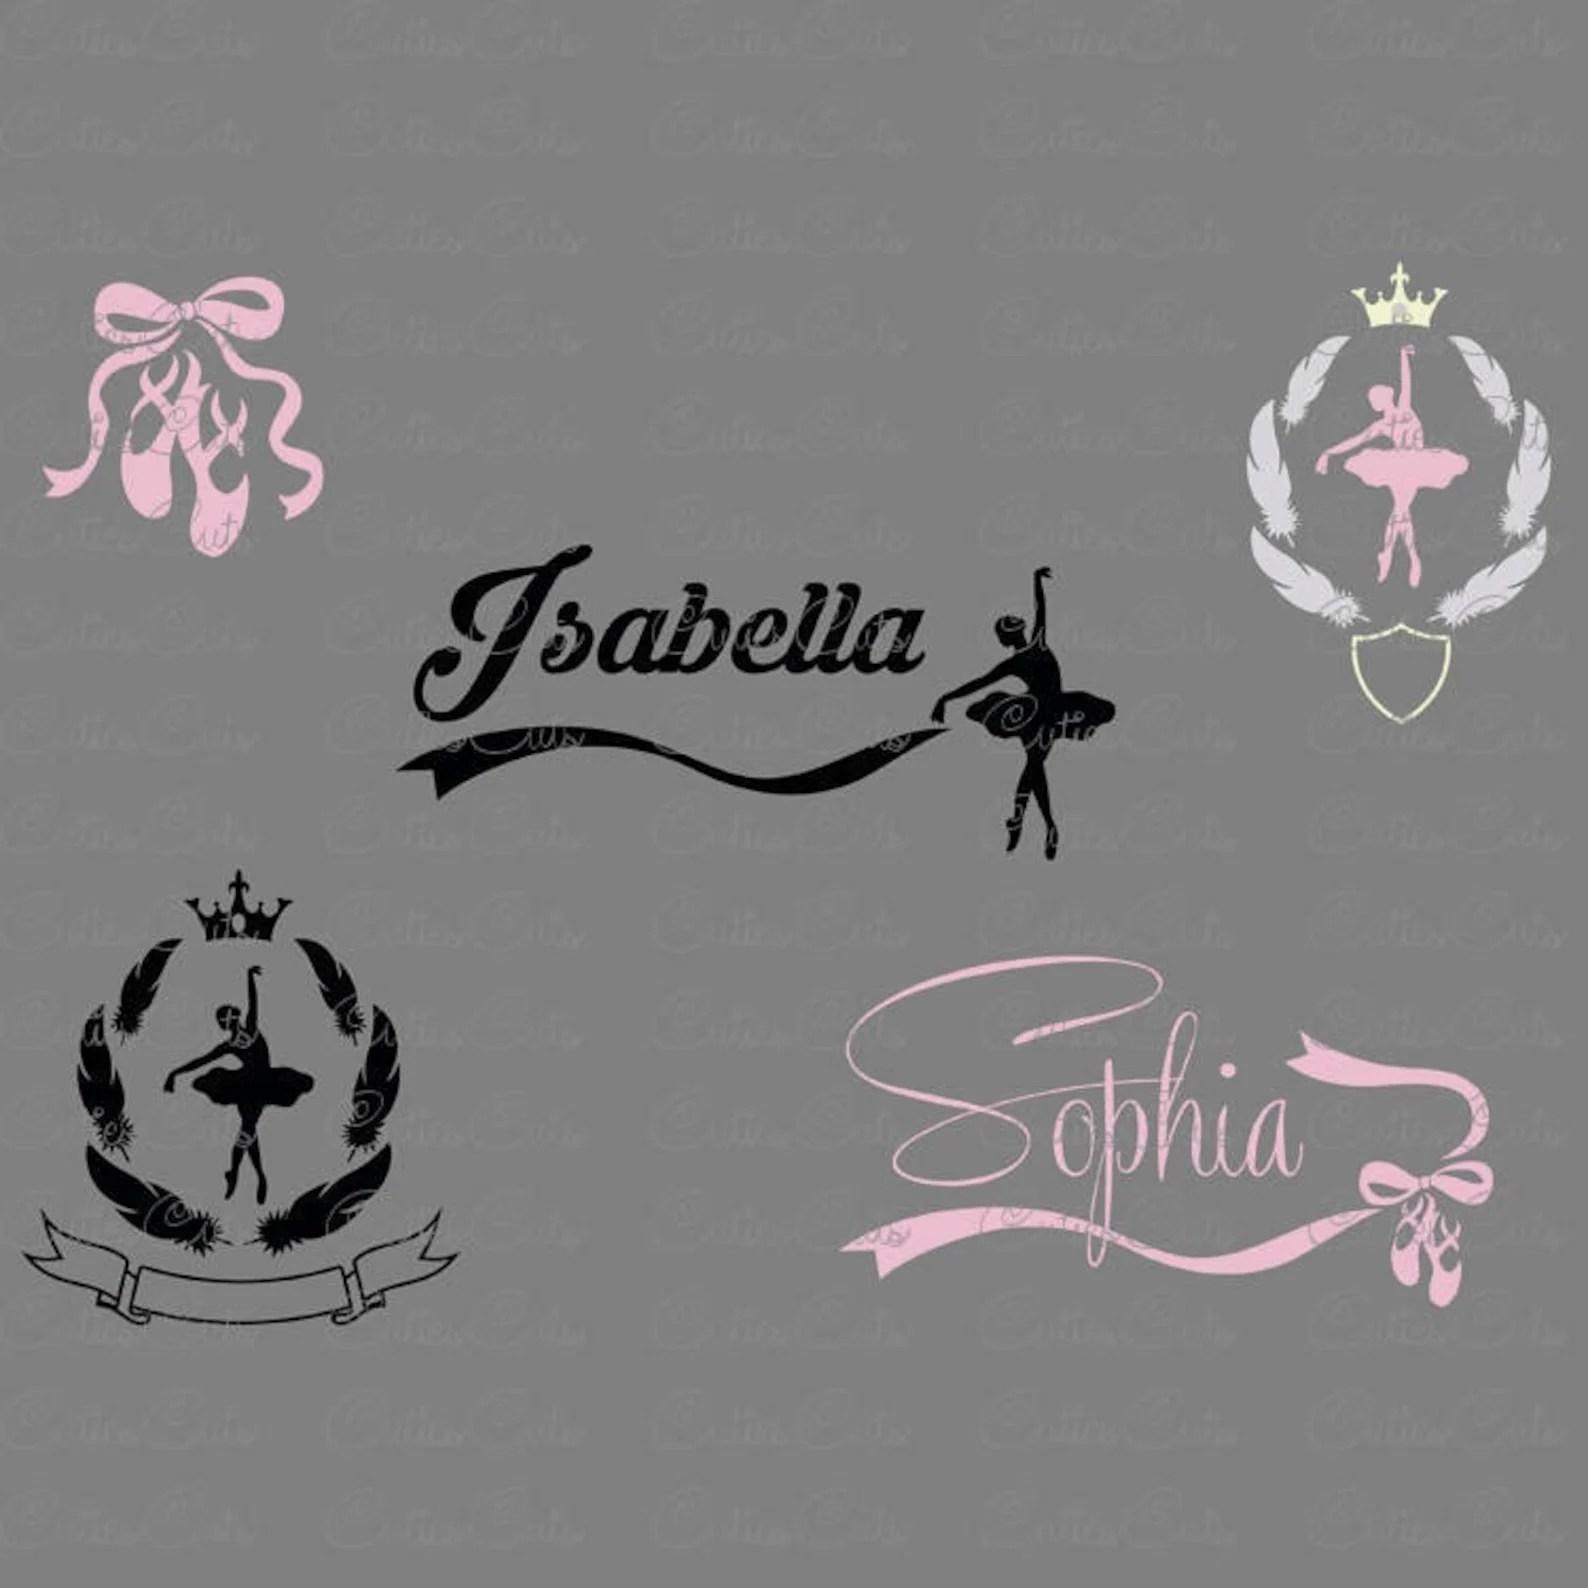 Ballet Svg Ballerina Silhouette Dxf Eps Files Vector